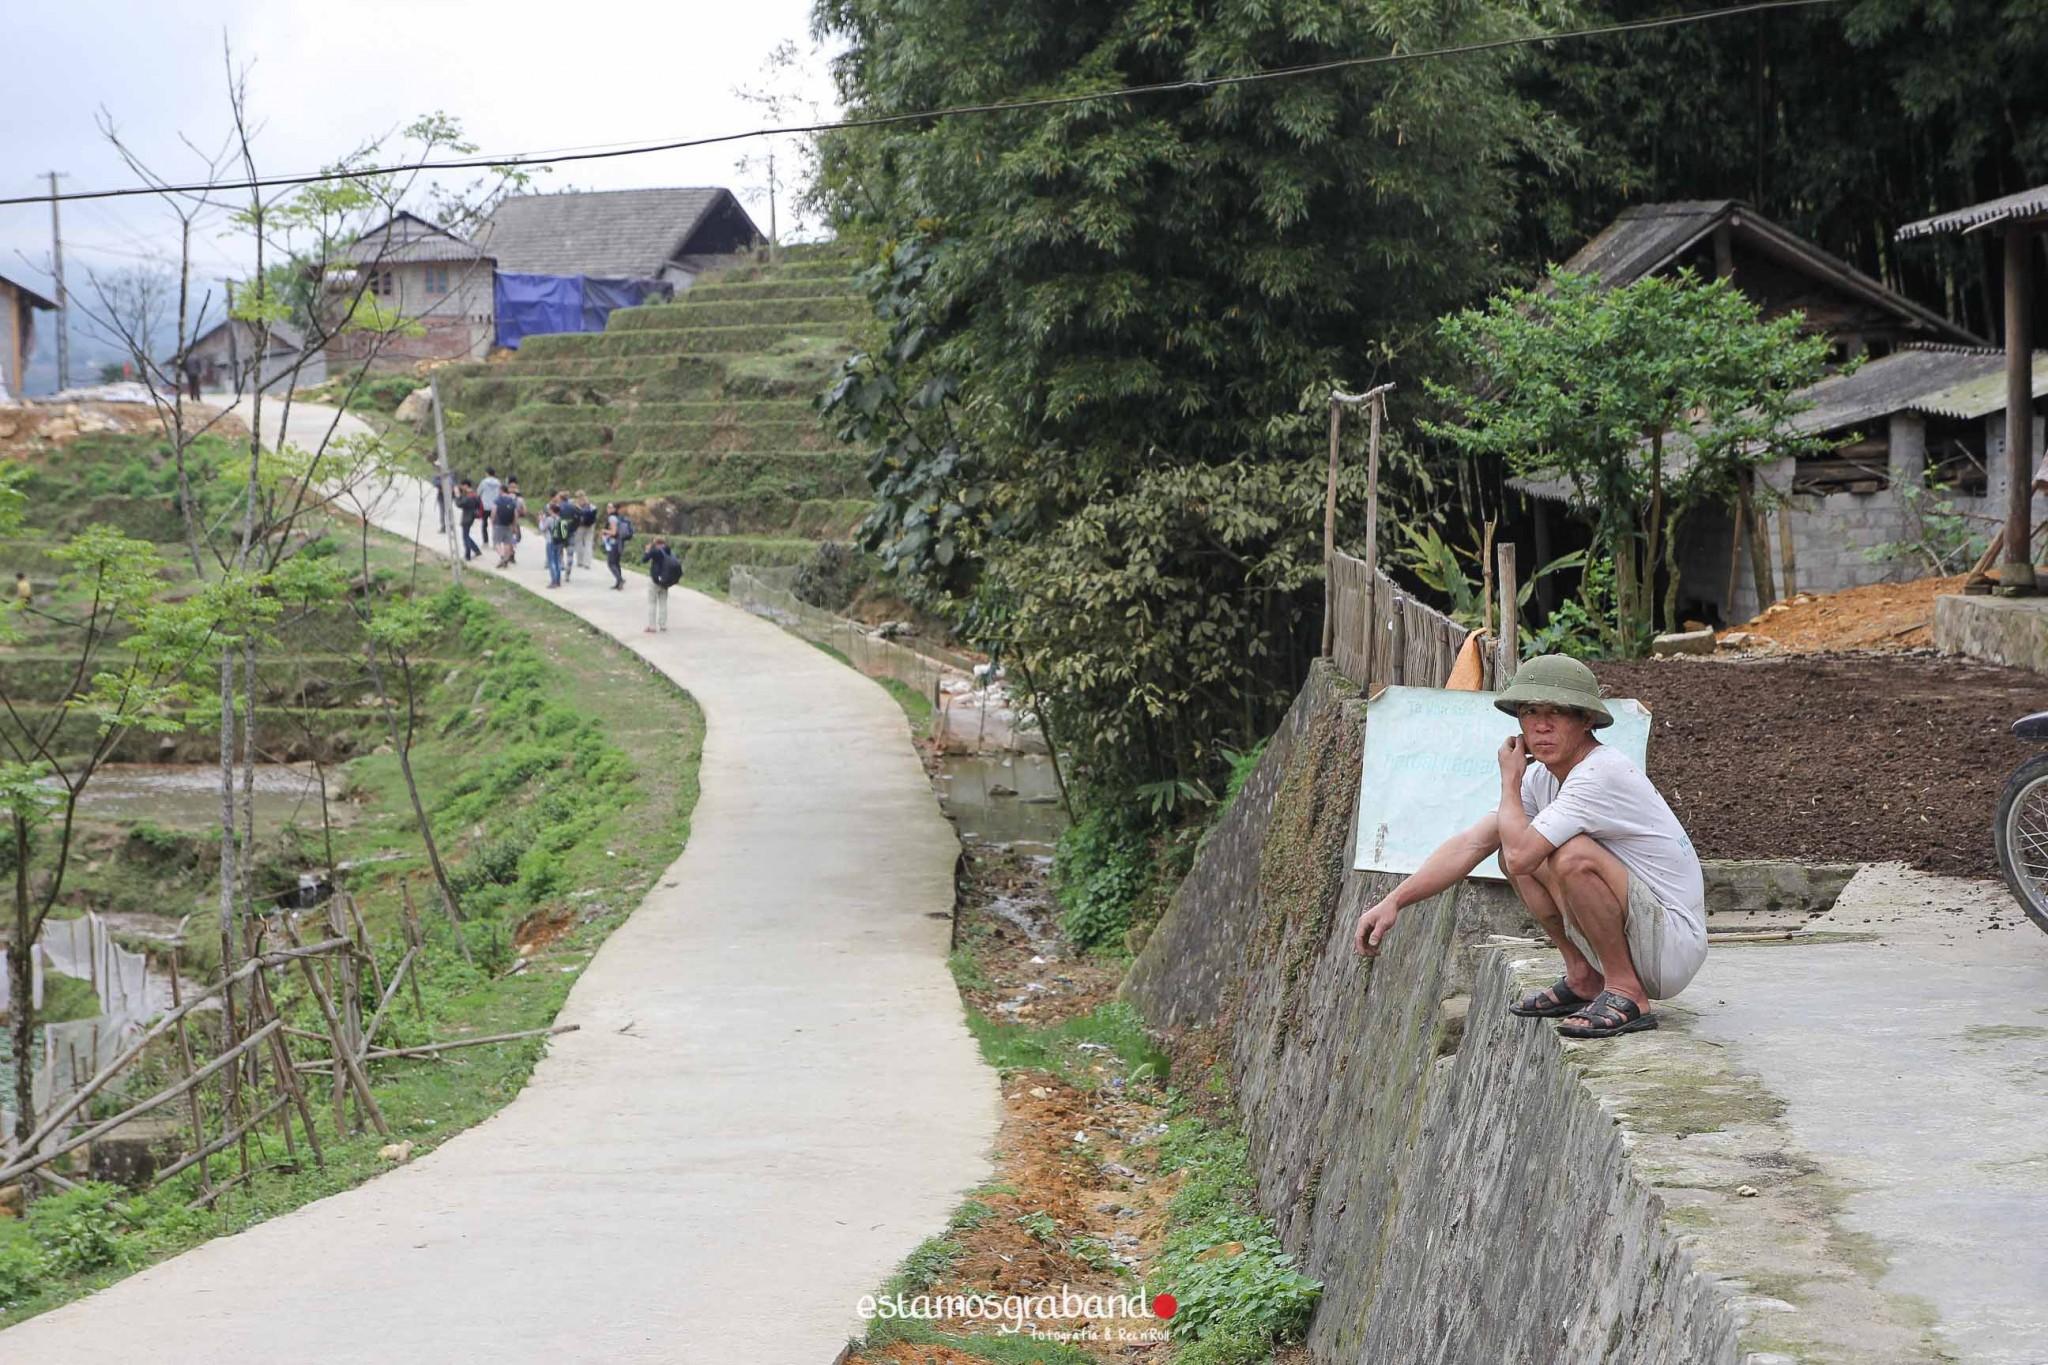 reportaje-vietnam_fotograficc81a-vietnam_estamosgrabando-vietnam_rutasvietnam_reportaje-retratos-fotos-vietnam_fotografia-vietnam_reportaje-estamosgrabando-fotograficc81a-vietnam-23 Pequeños grandes recuerdos de Vietnam en 100 imágenes - video boda cadiz